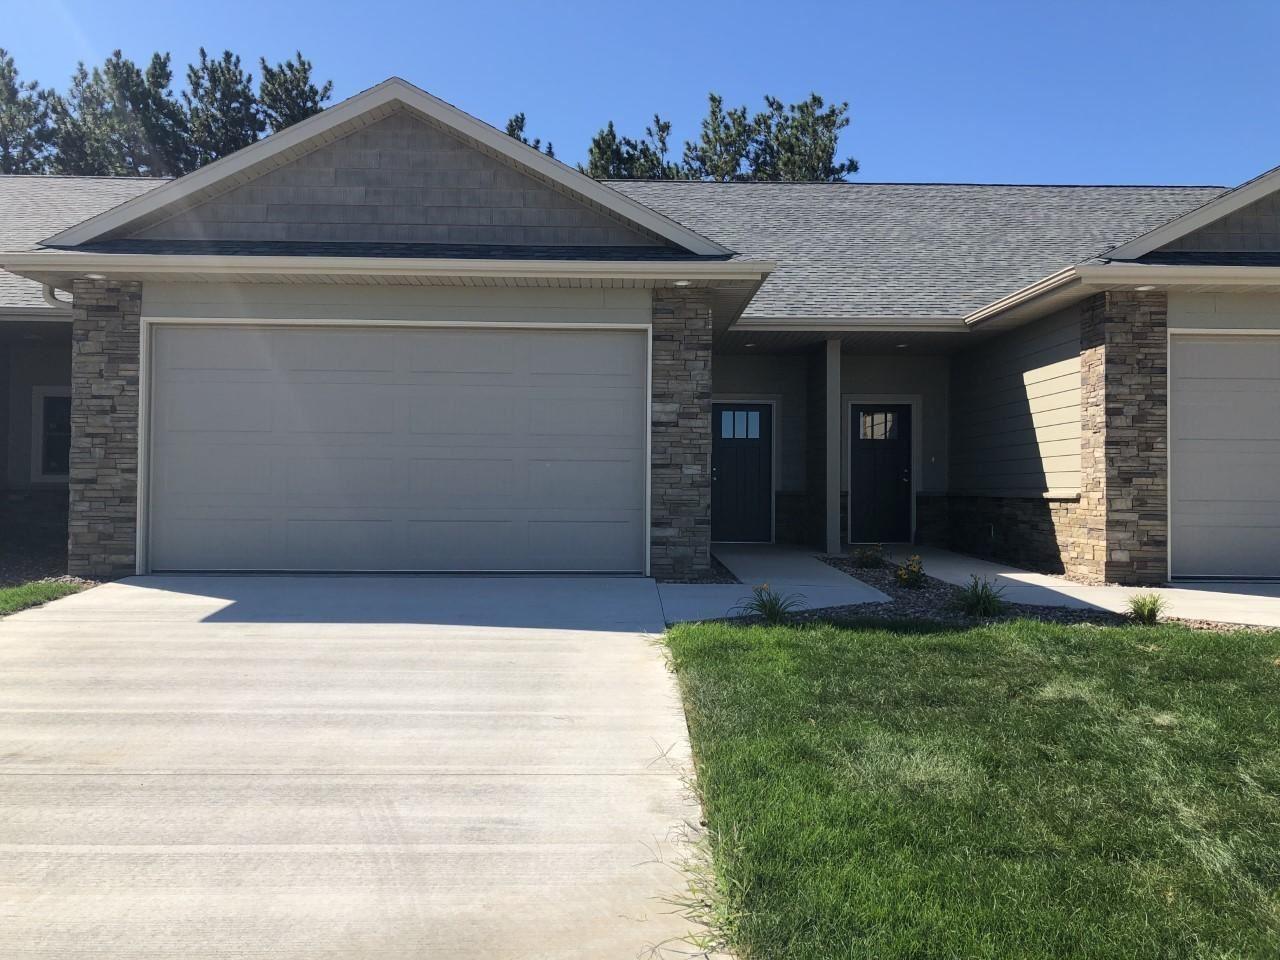 1802 Prairie PL, Holmen, WI 54636 - MLS#: 1682860